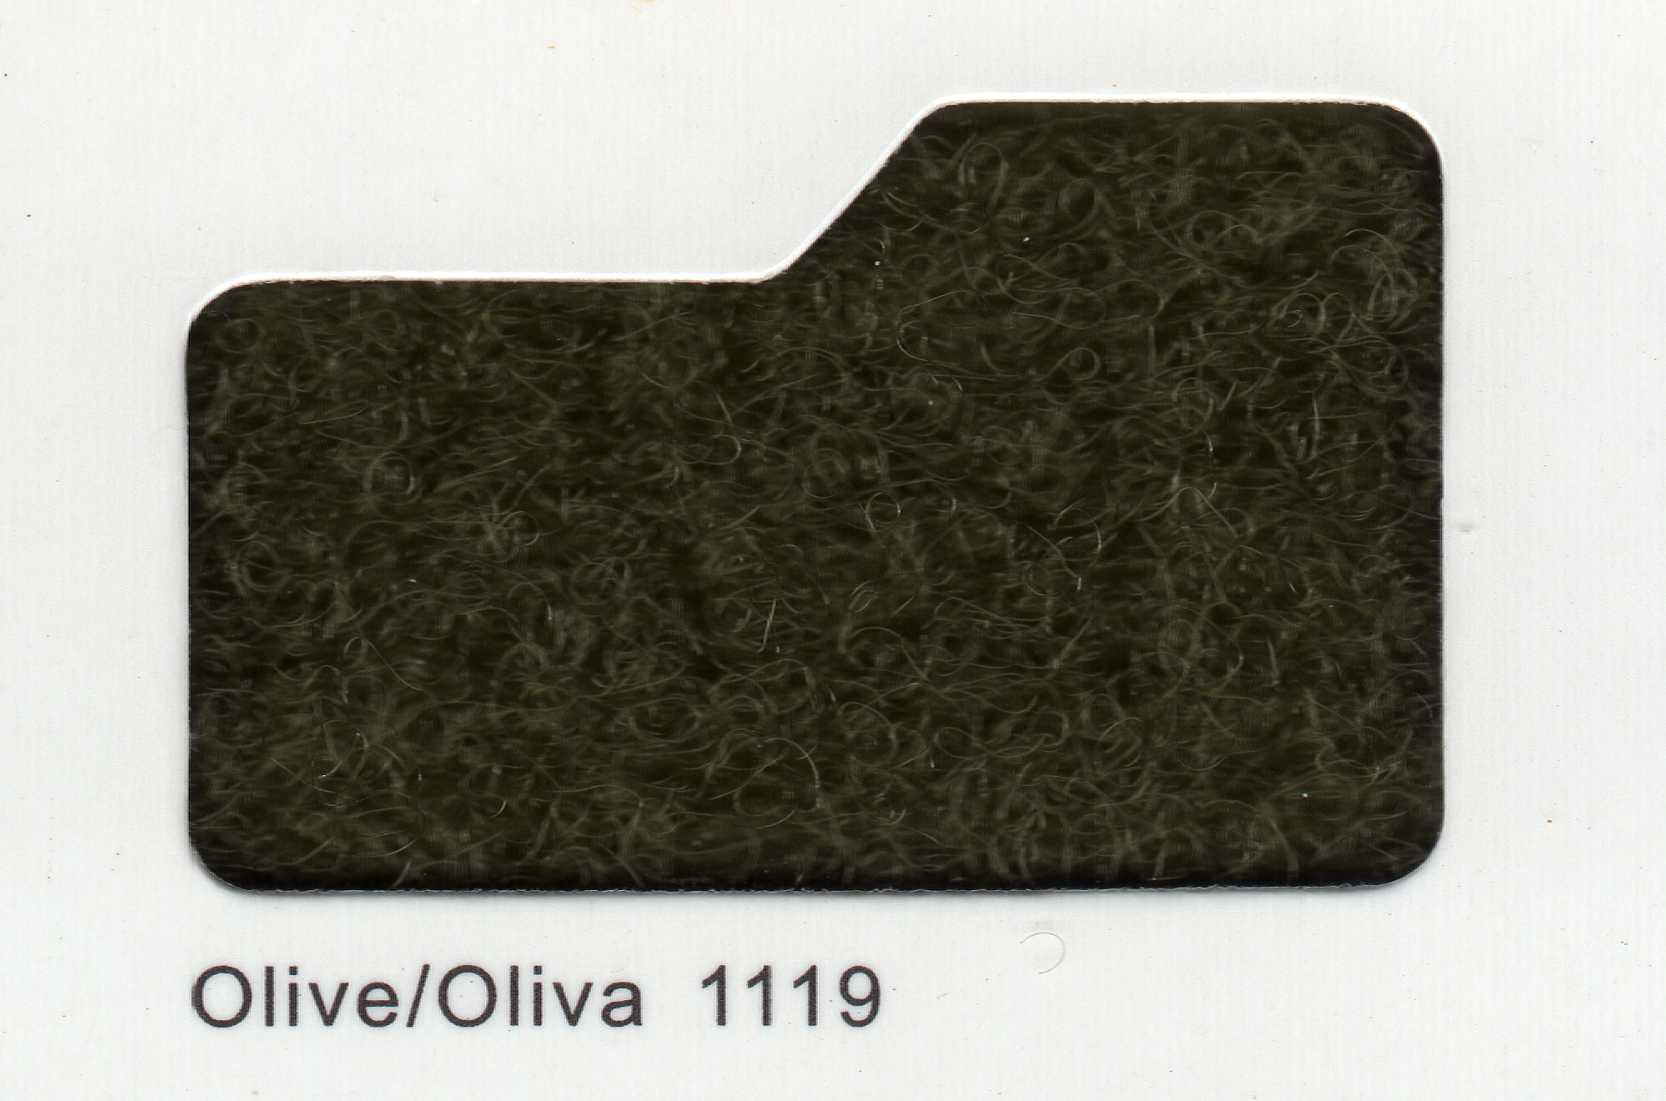 Cinta de cierre Velcro-Veraco 38mm Oliva 1119 (Gancho).